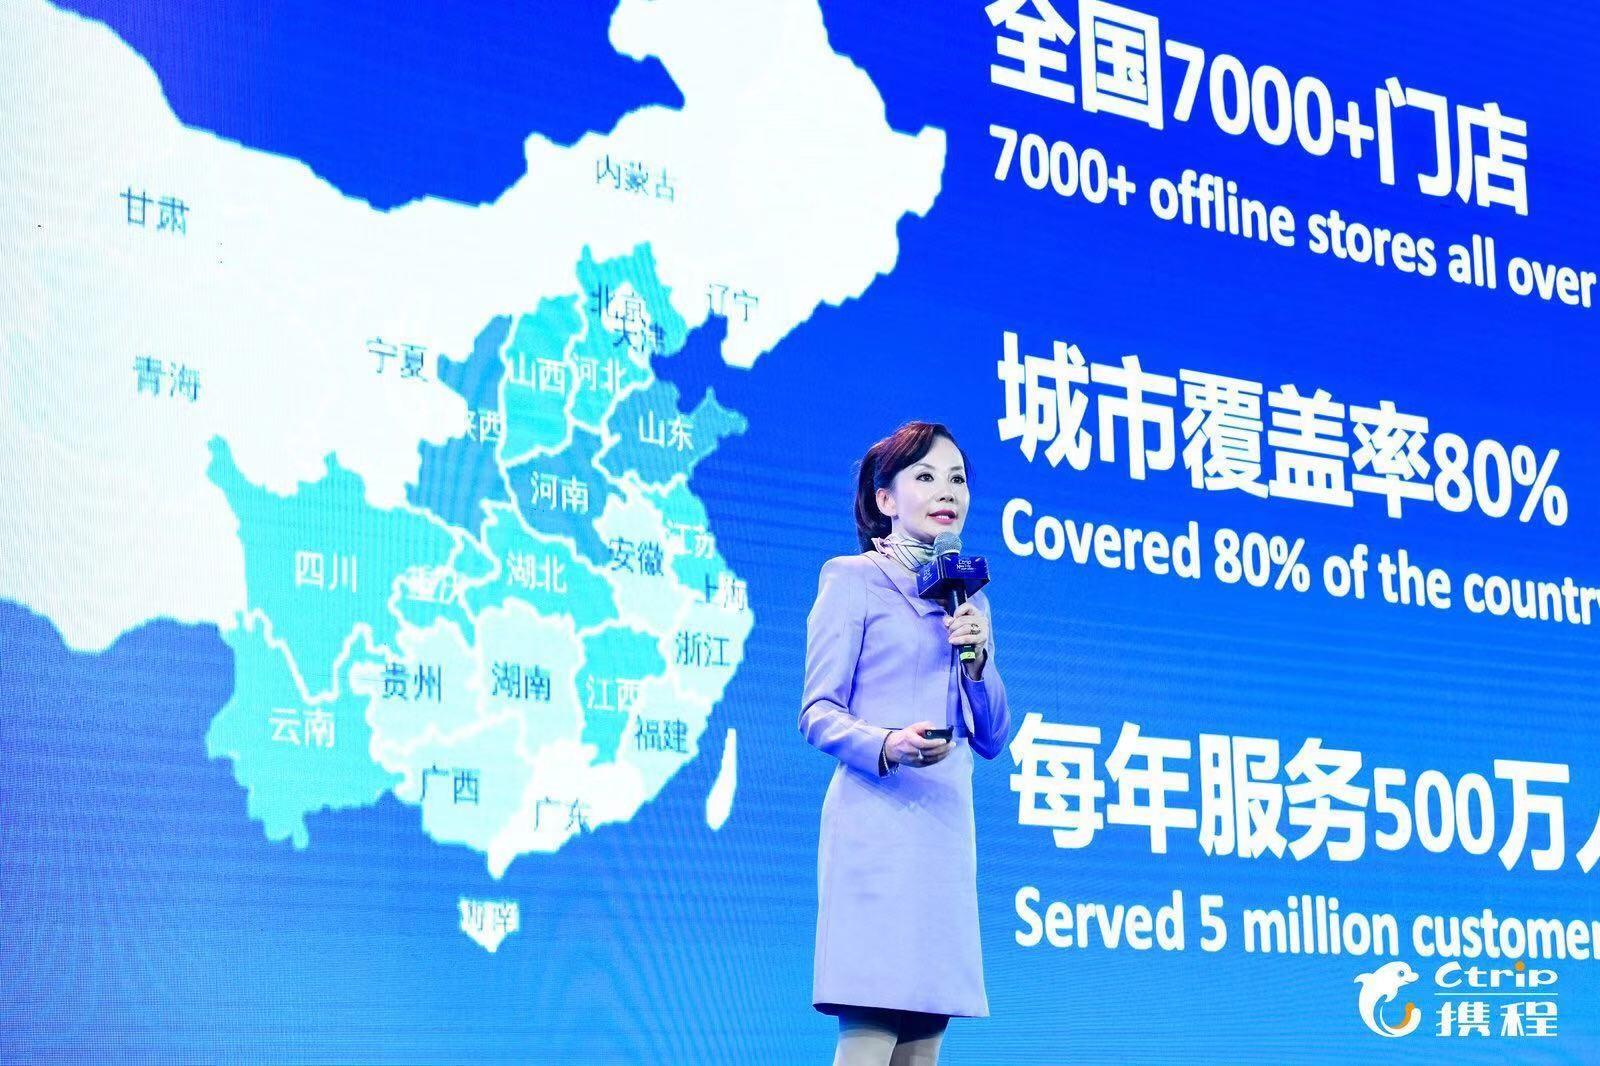 携程CEO孙洁:技术赋能合作伙伴 释放平台生态价值